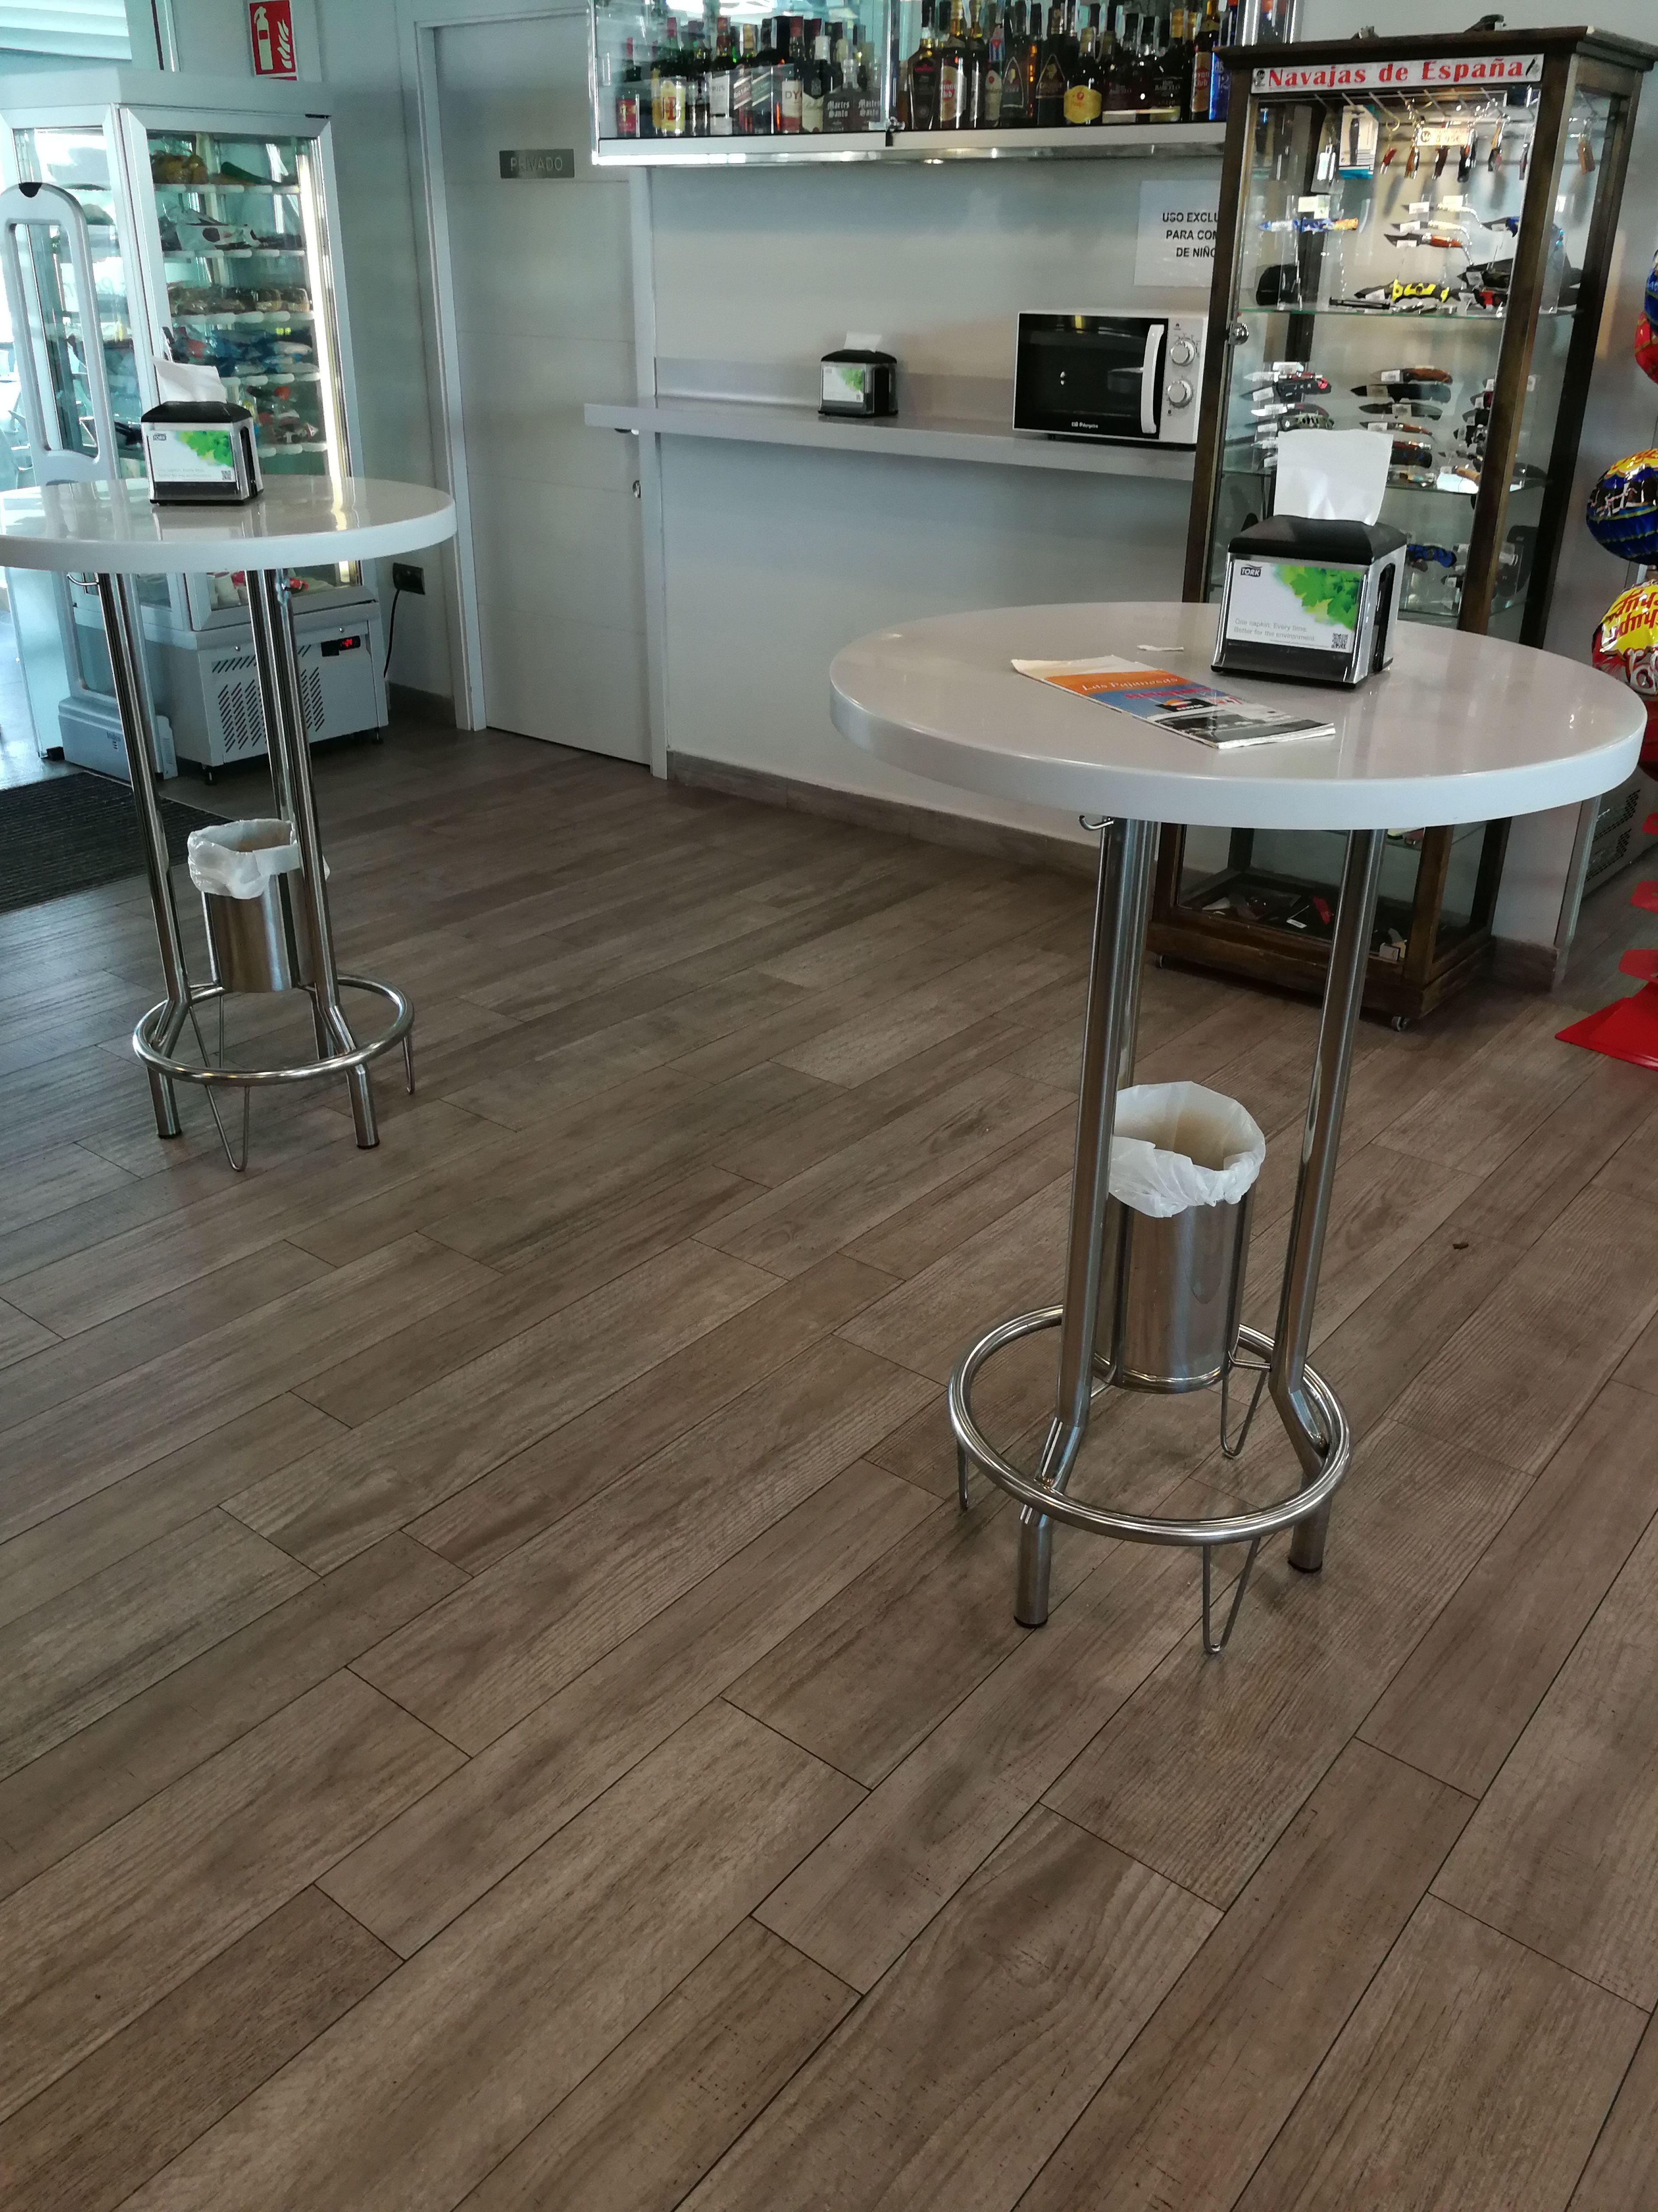 Mesa alta de acero inoxidable con papelera incorporada para bar o restaurante.